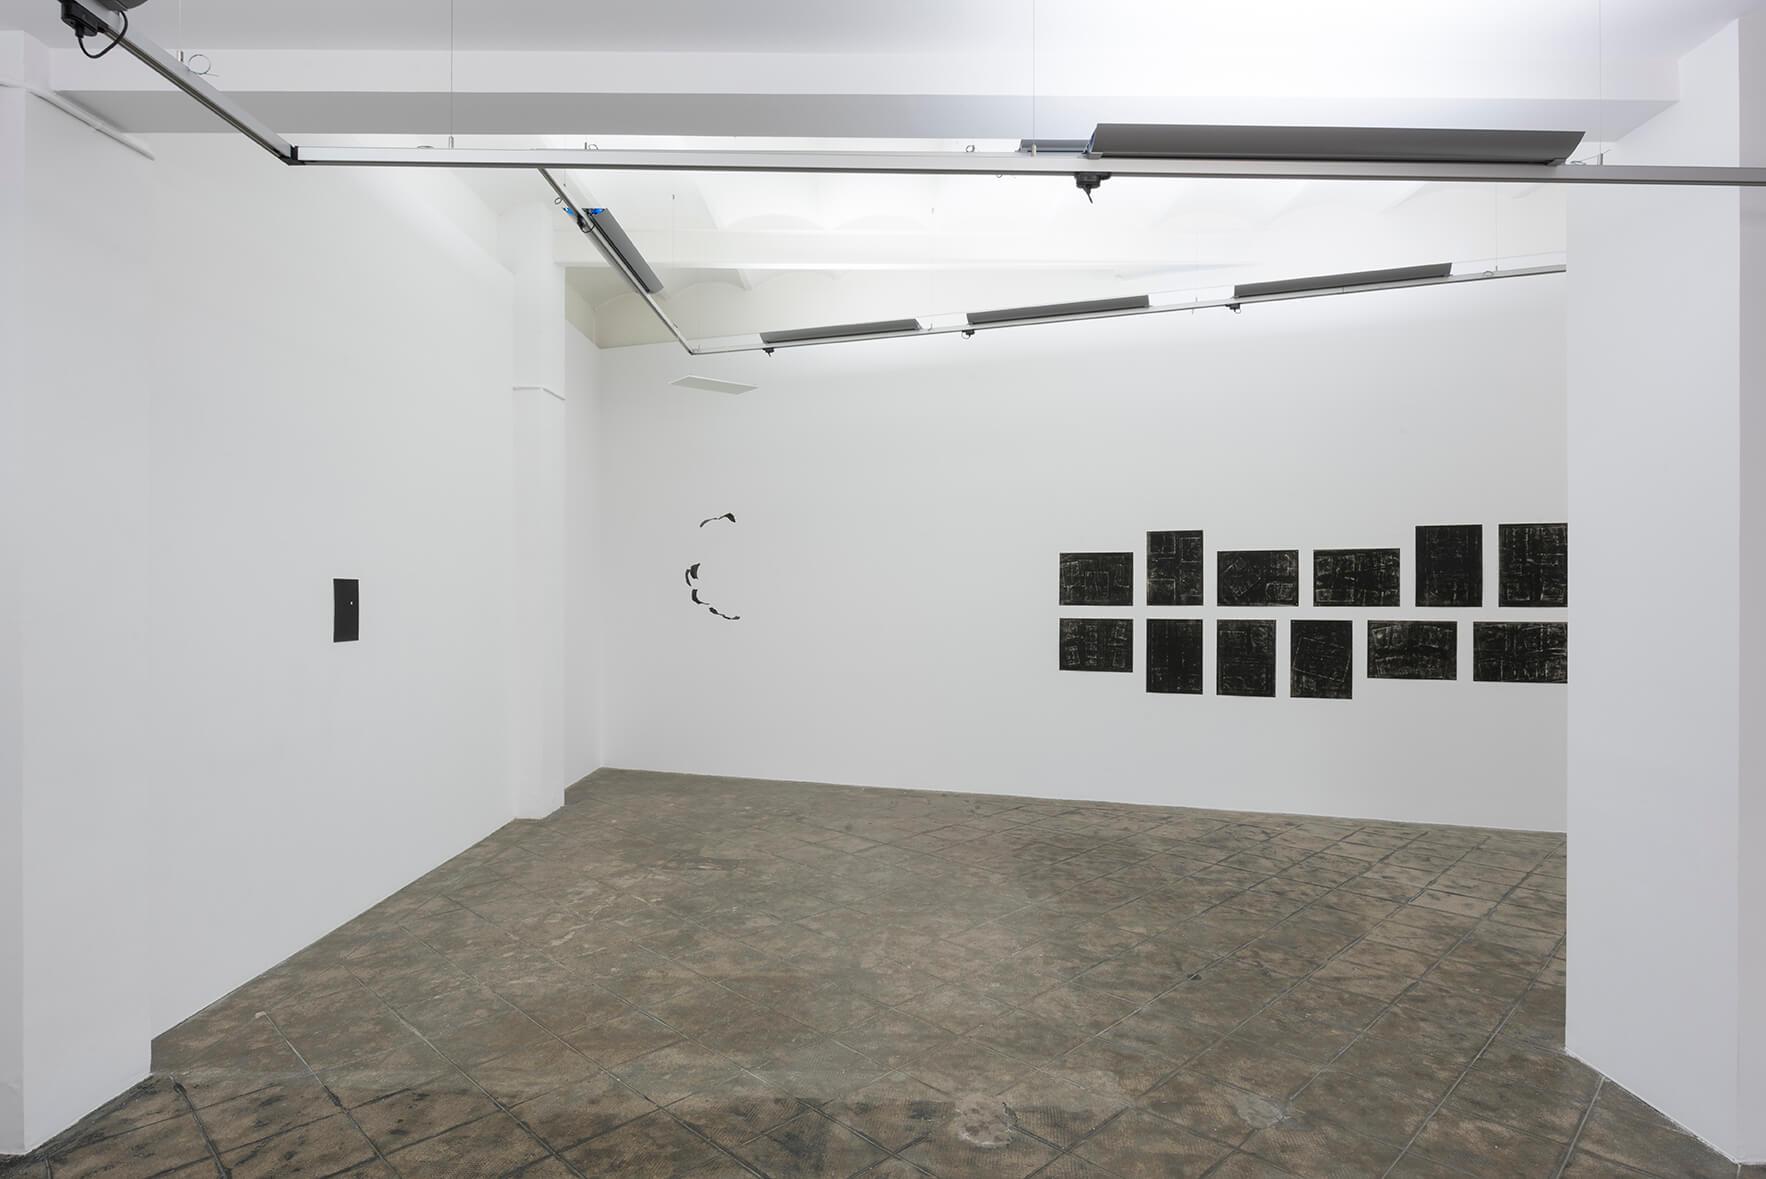 Installation view: Accrochage #2: Escritura Nocturna, ProjecteSD | Accrochage #2: Escritura Nocturna | ProjecteSD